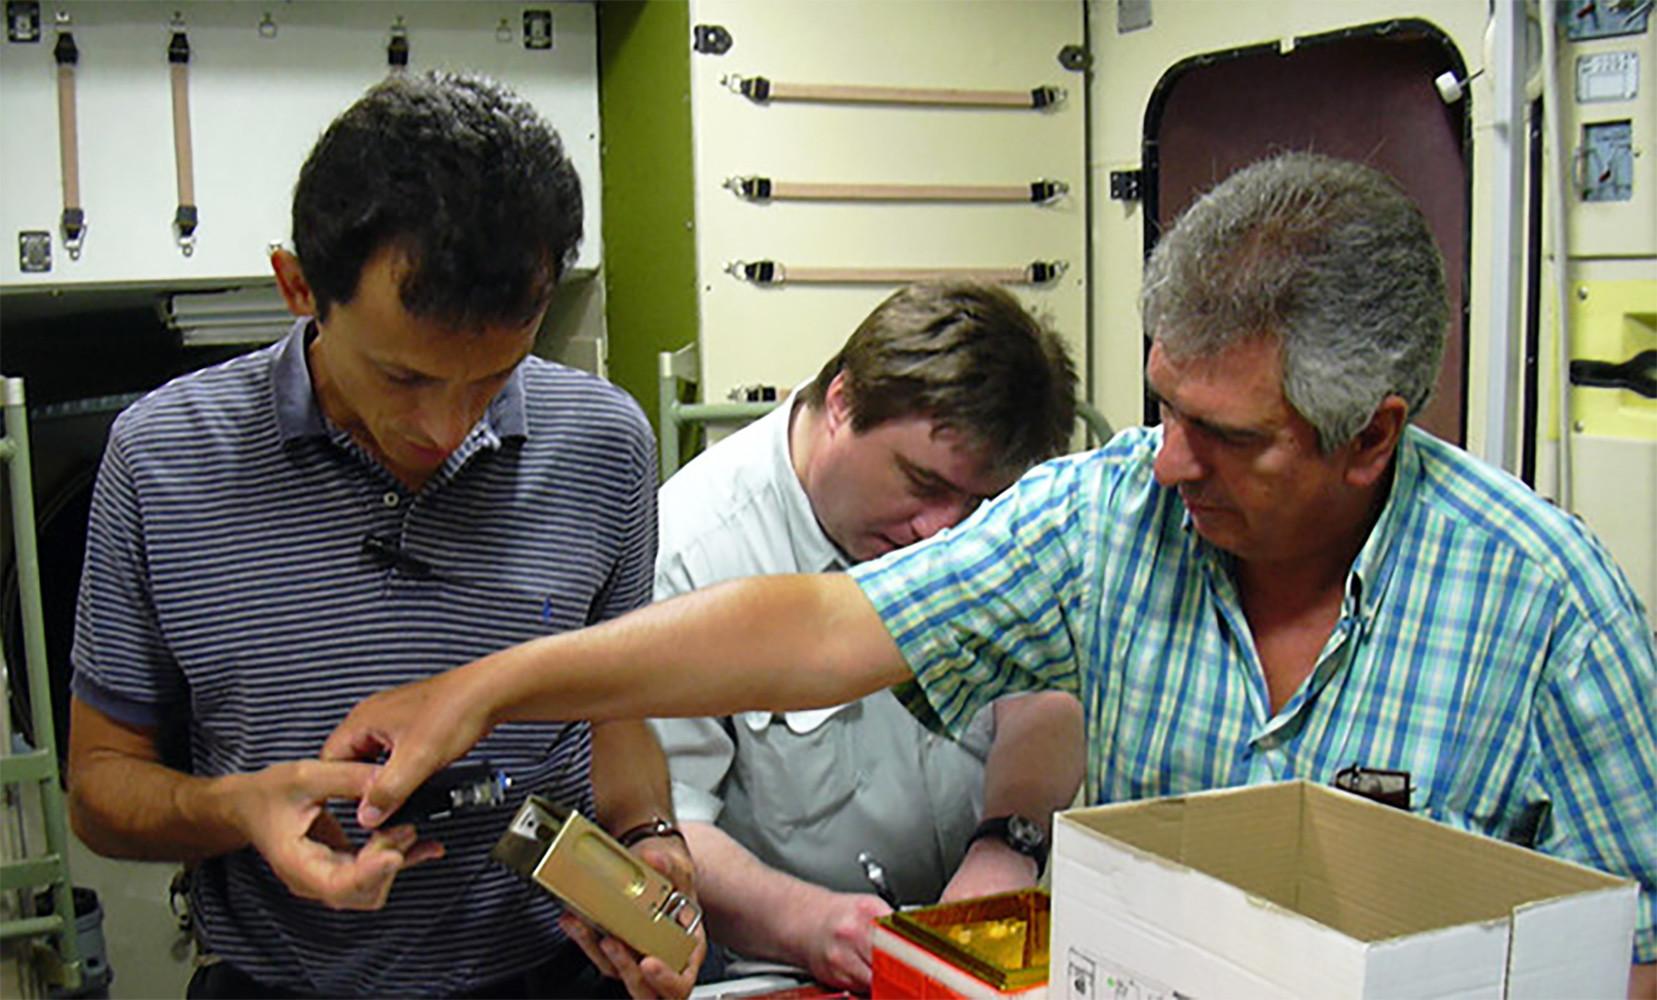 Pedro Duque y F. Javier Medina realizando pruebas de funcionamiento del dispositivo de germinación y cultivo de plántulas en la Star City de Moscú en 2003.